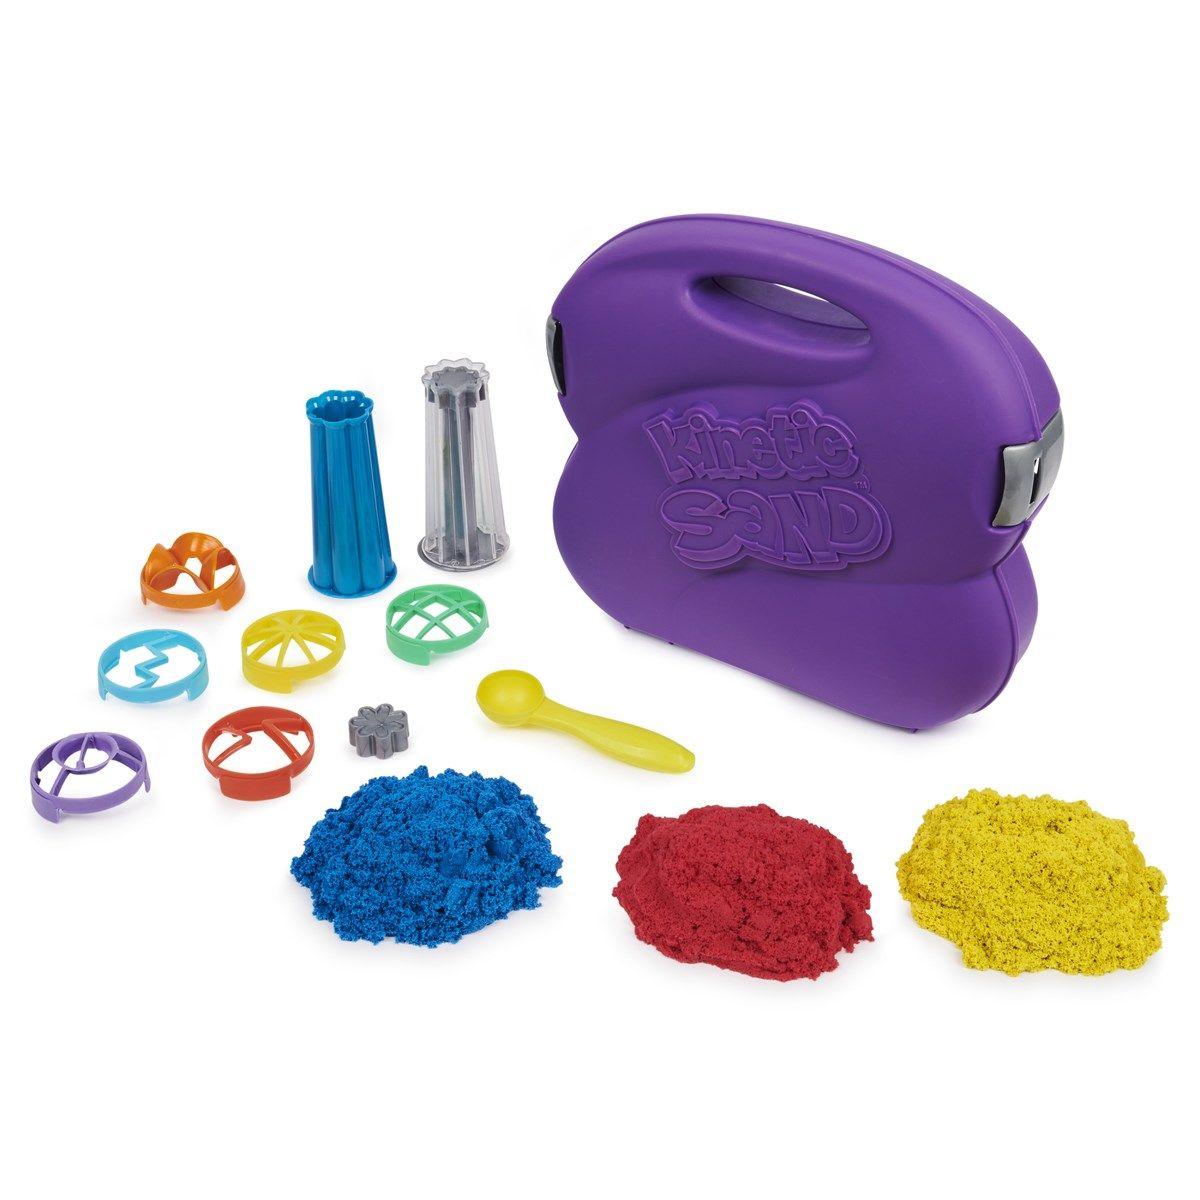 Kinetic Sand - Sandwhirlz Playset (6055859)